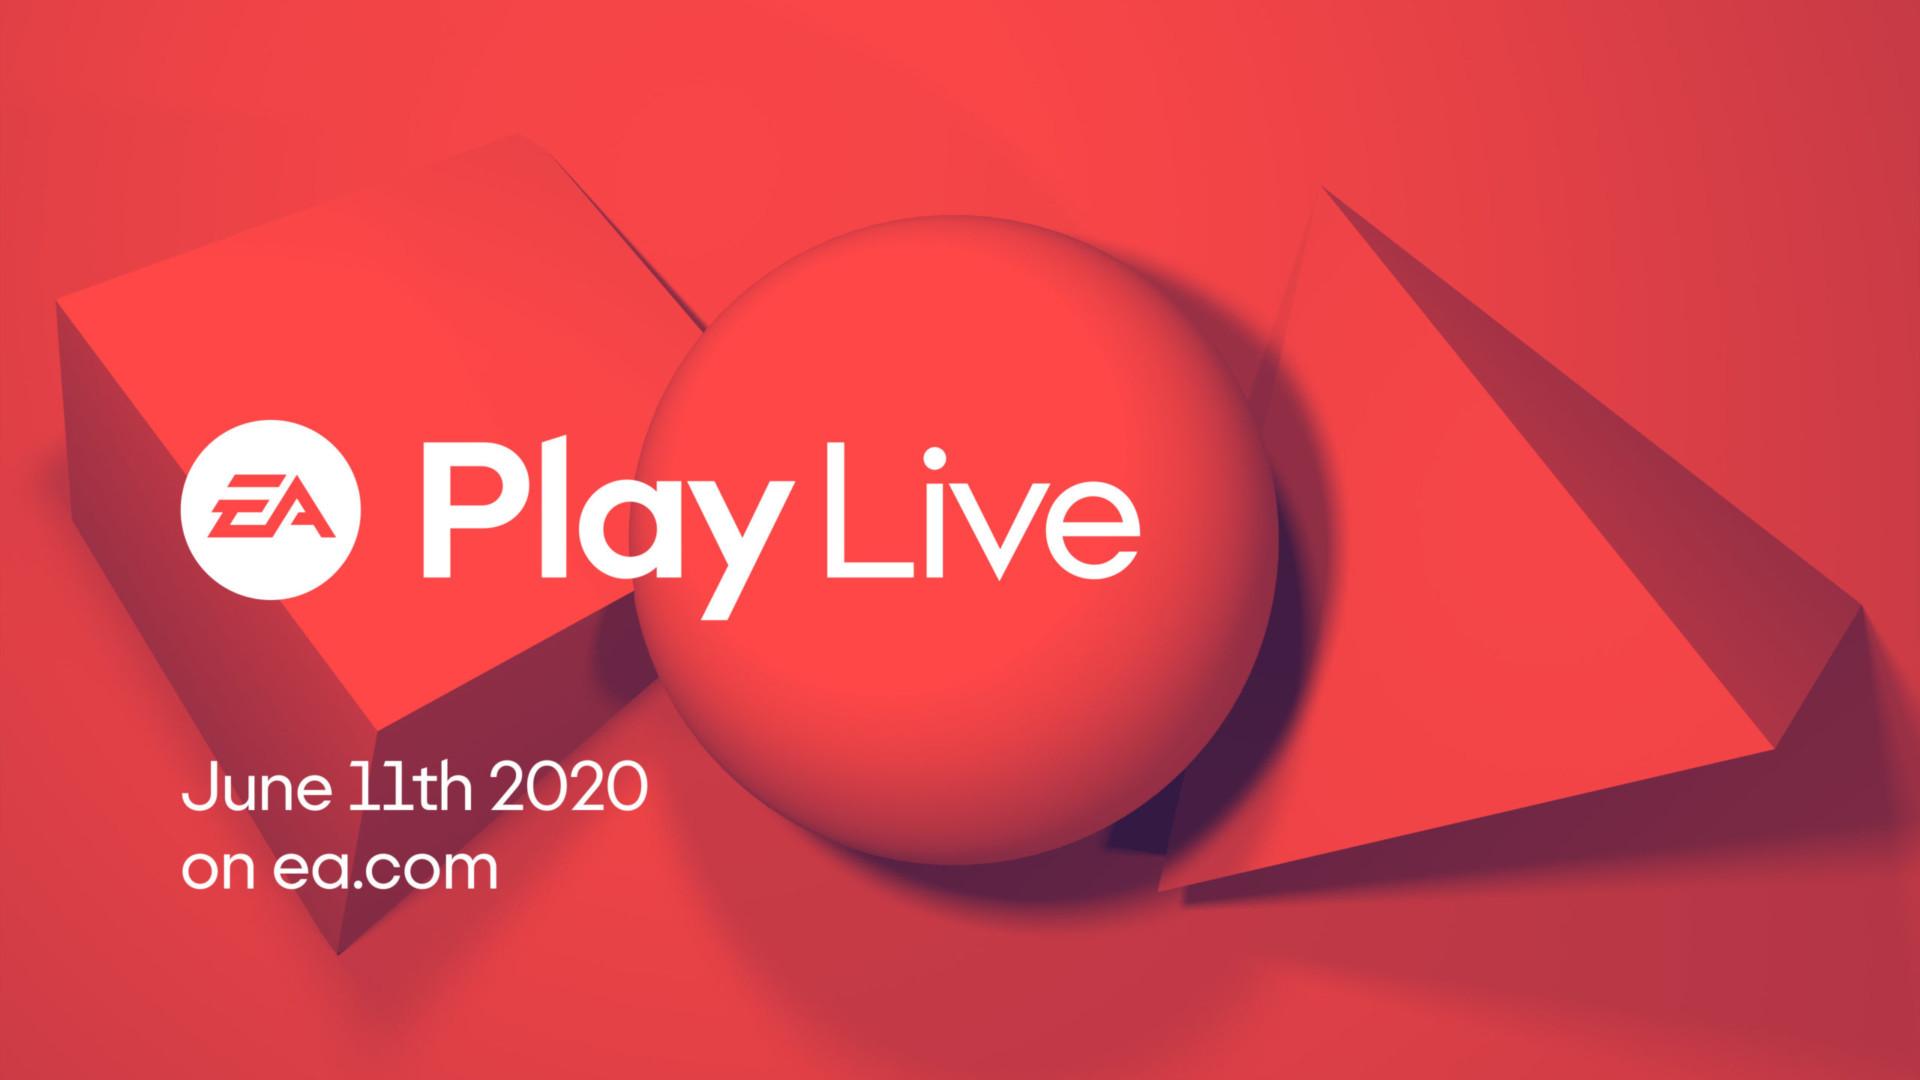 Electronic Arts anunció el EA Play Live 2020 para el 11 de junio